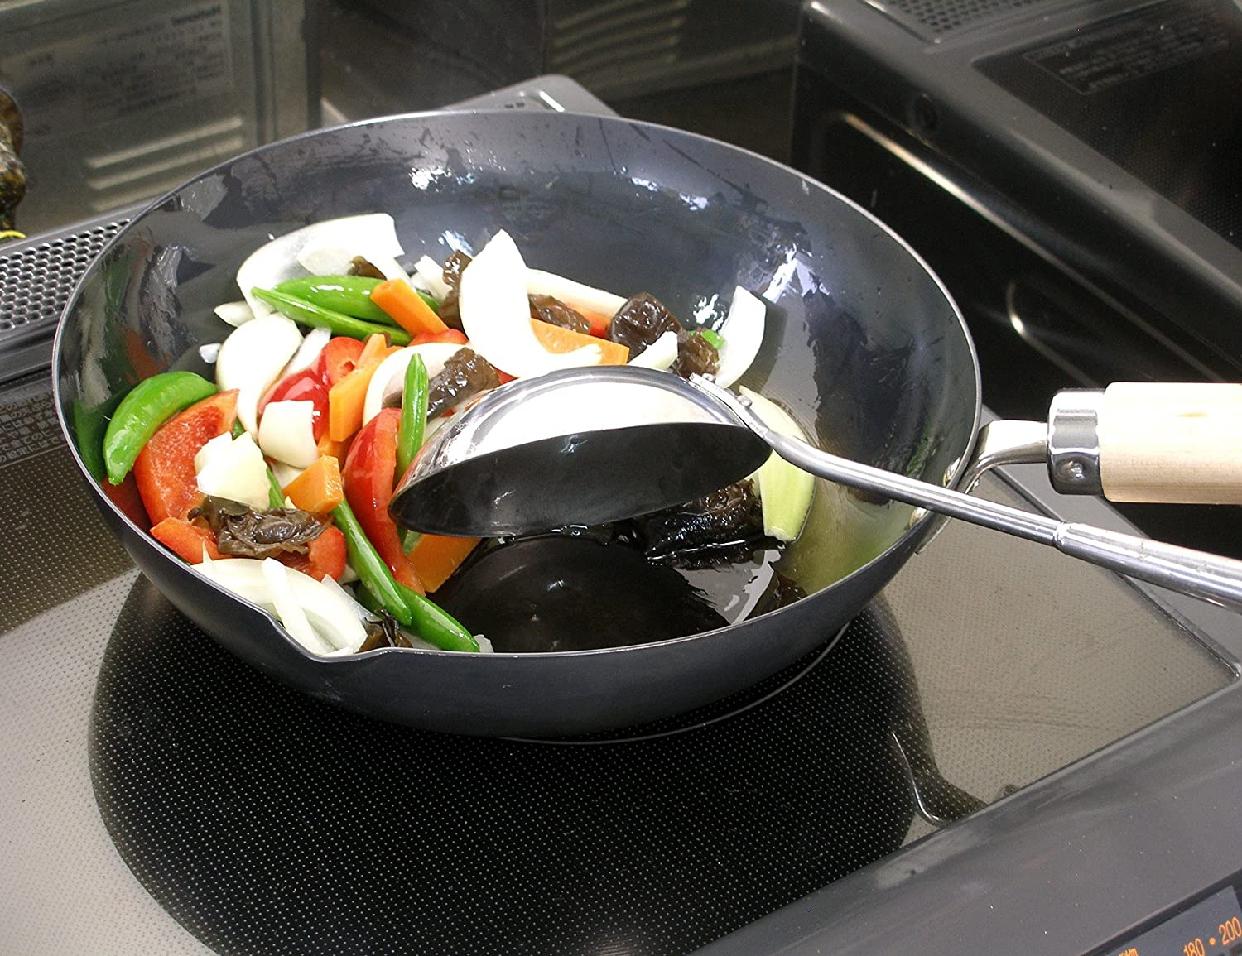 リバーライト 極 ジャパン 炒め鍋の商品画像9